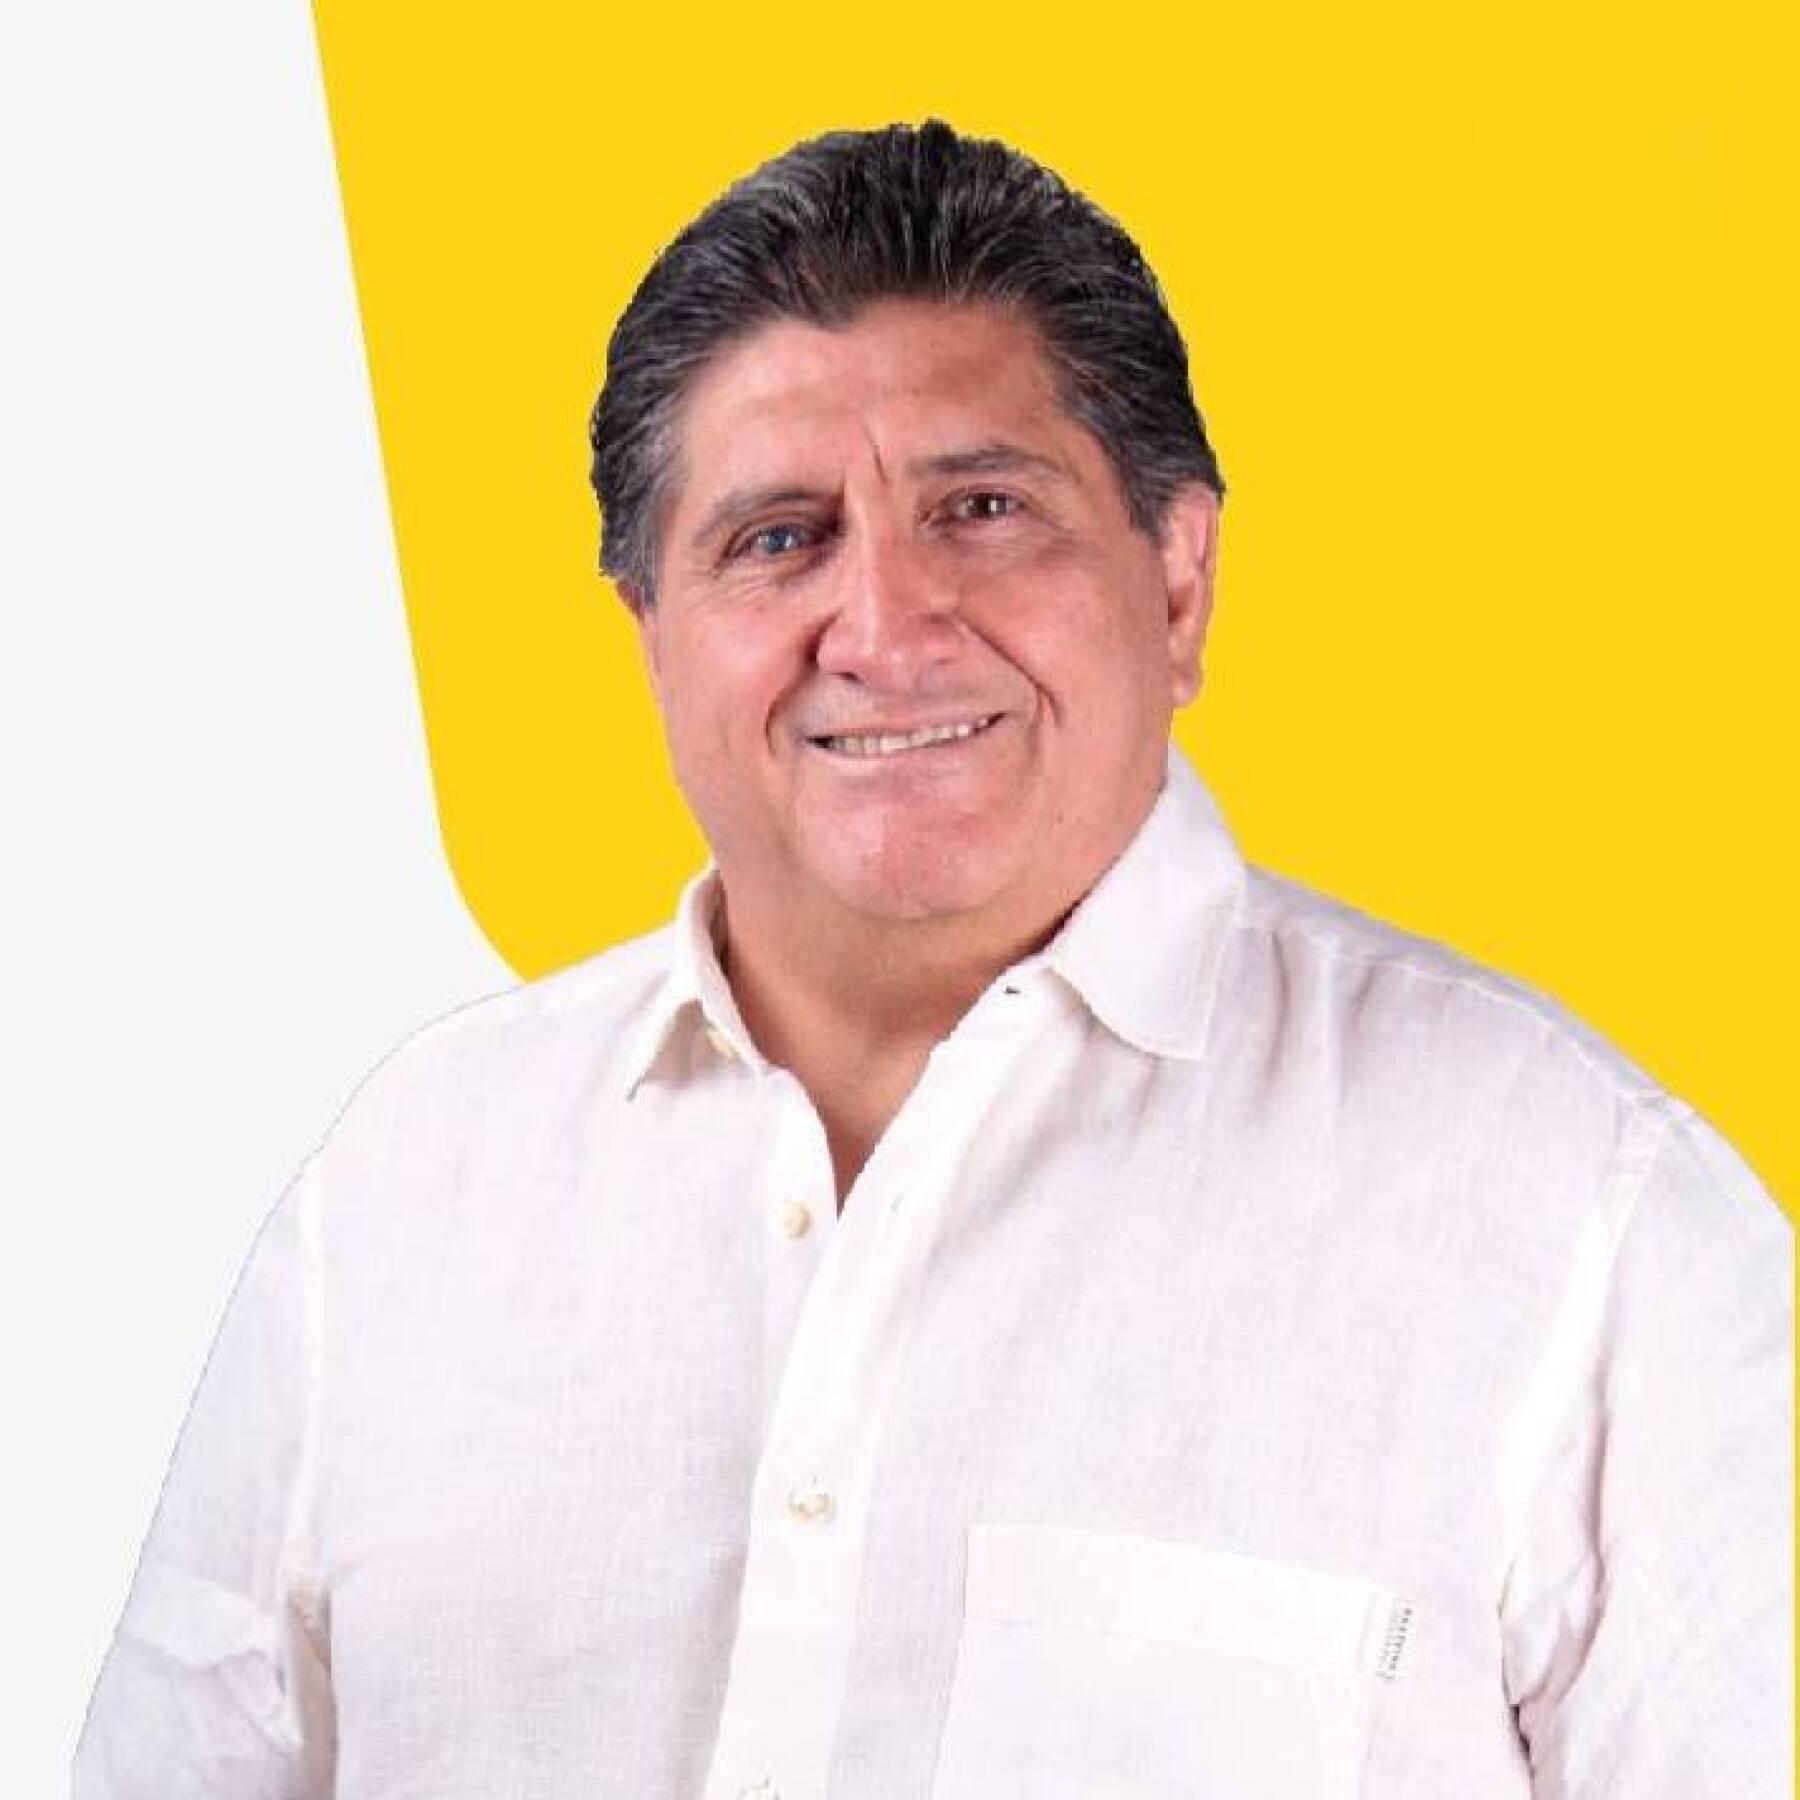 Carlos Manuel Orozco